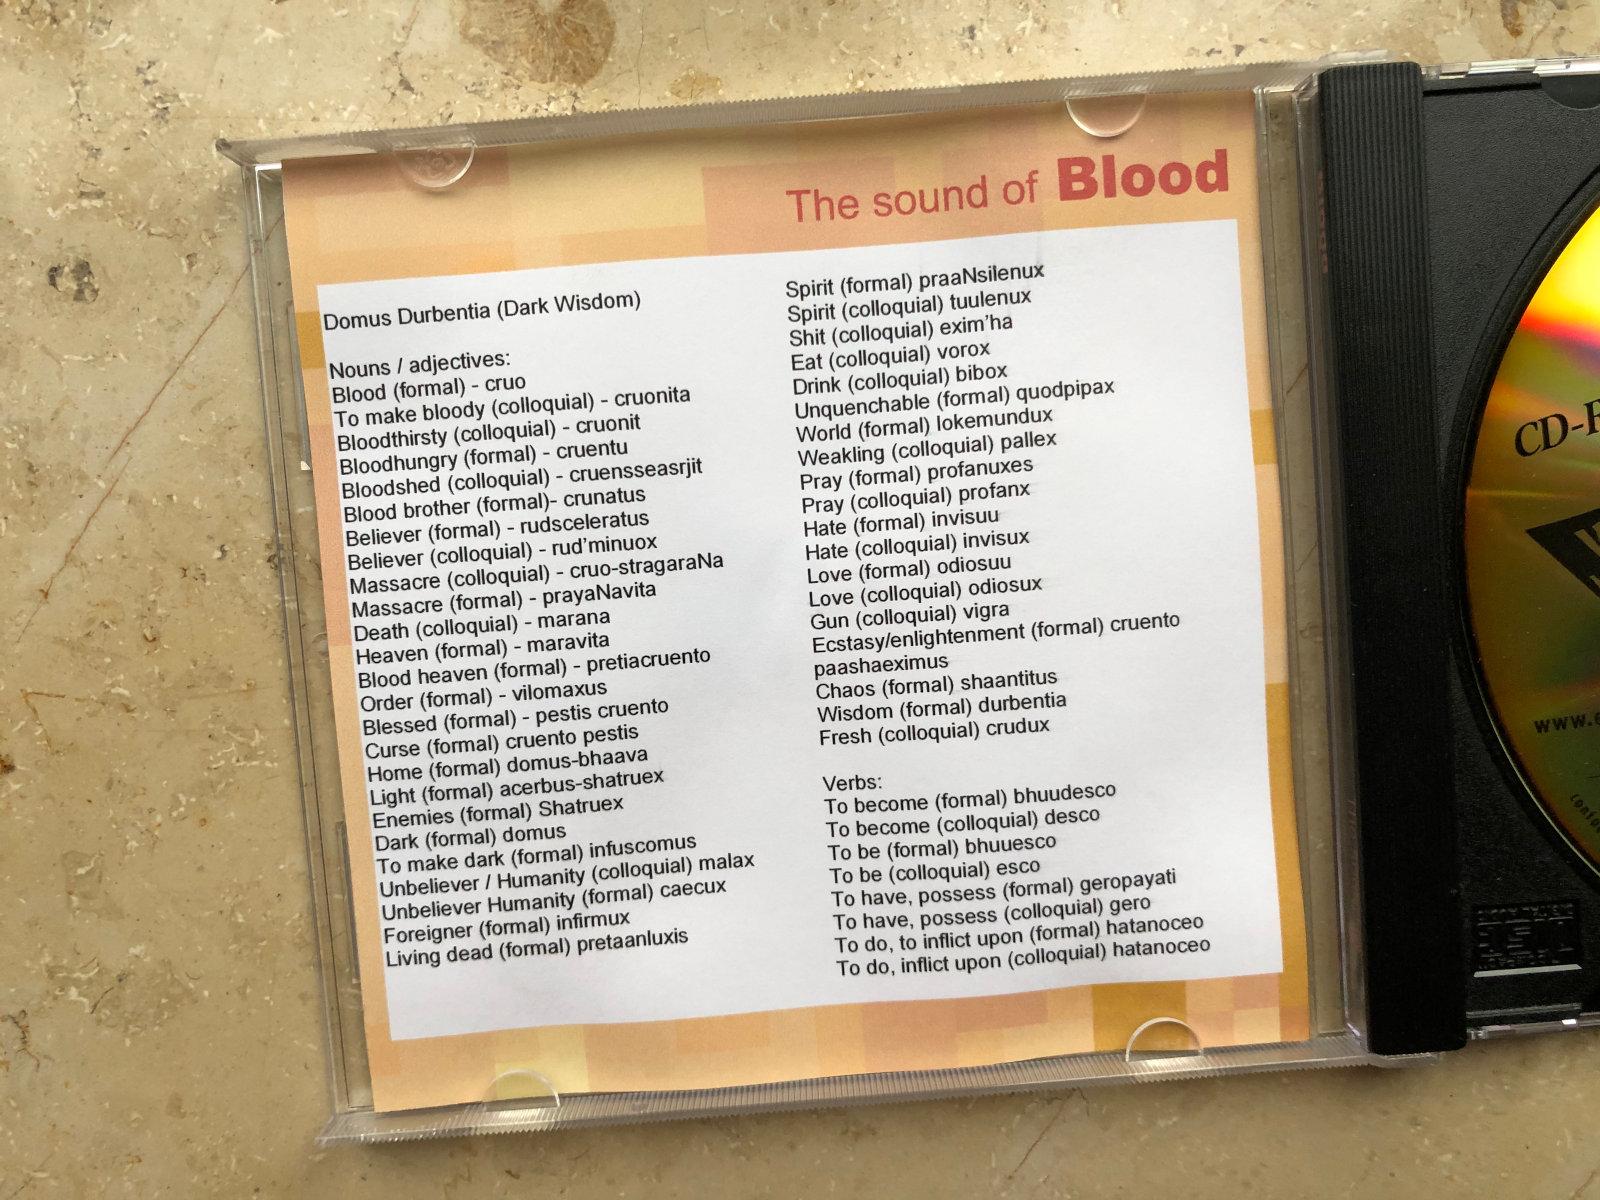 The sound of Blood. Übersicht der im Spiel verwendeten Worte und Verben. (Bild: André Eymann)